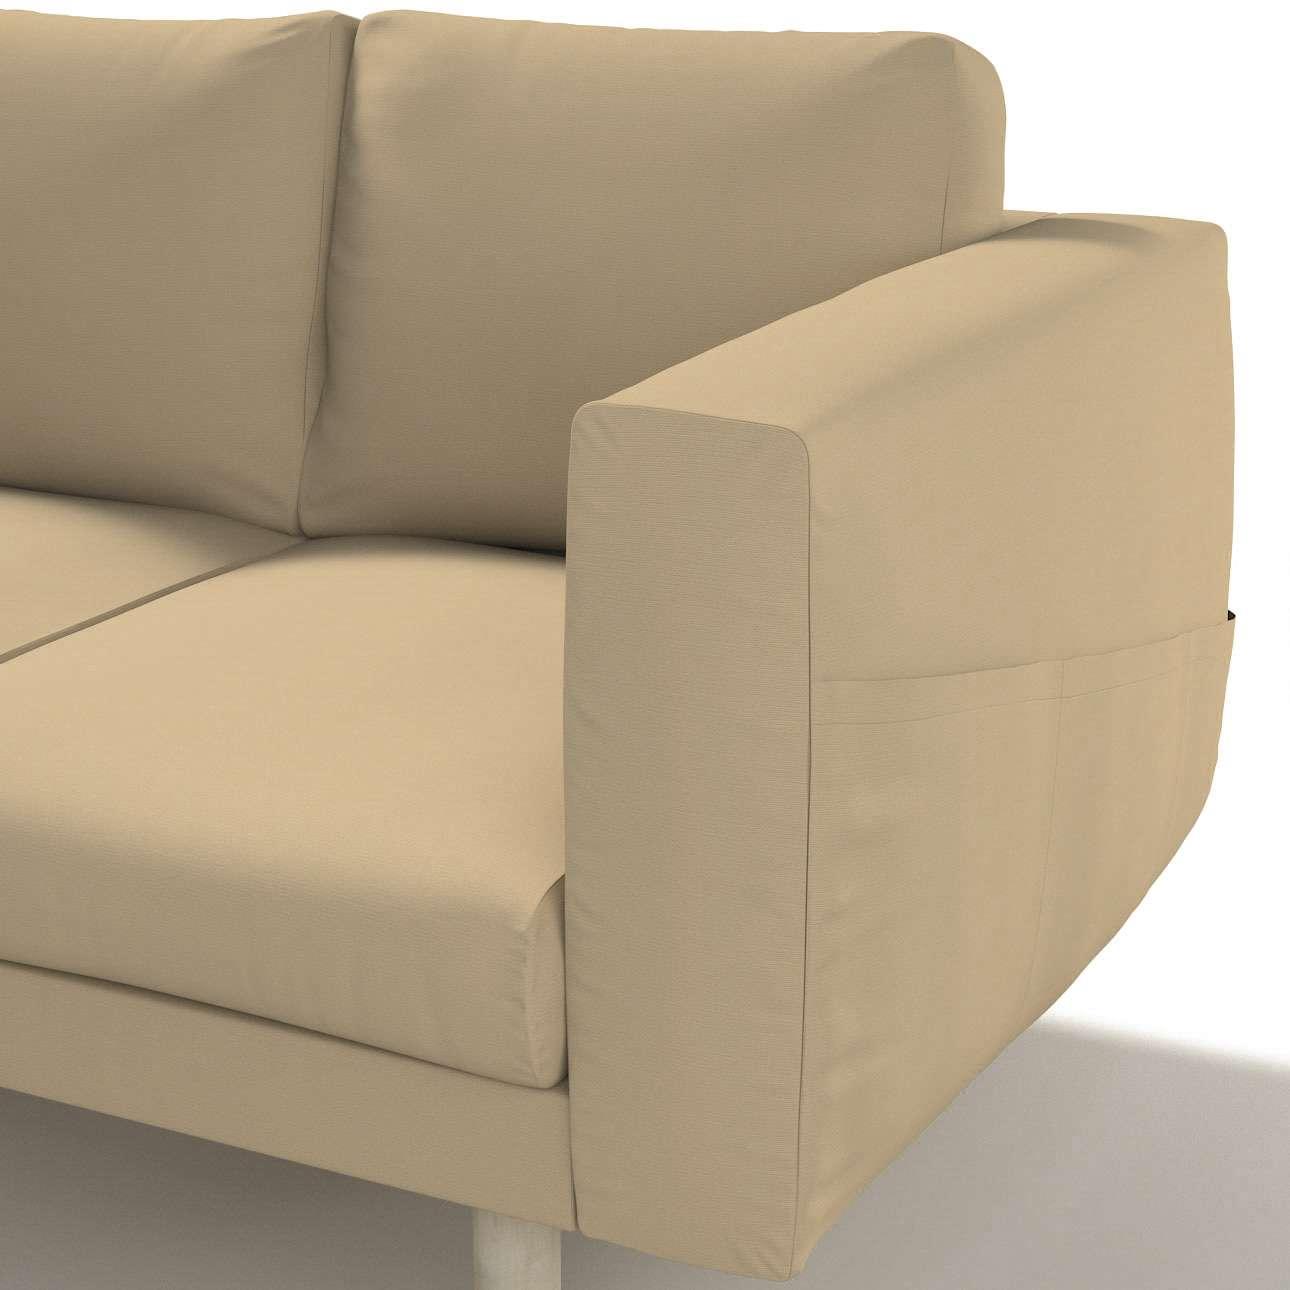 Pokrowiec na sofę Norsborg 3-osobową w kolekcji Cotton Panama, tkanina: 702-01